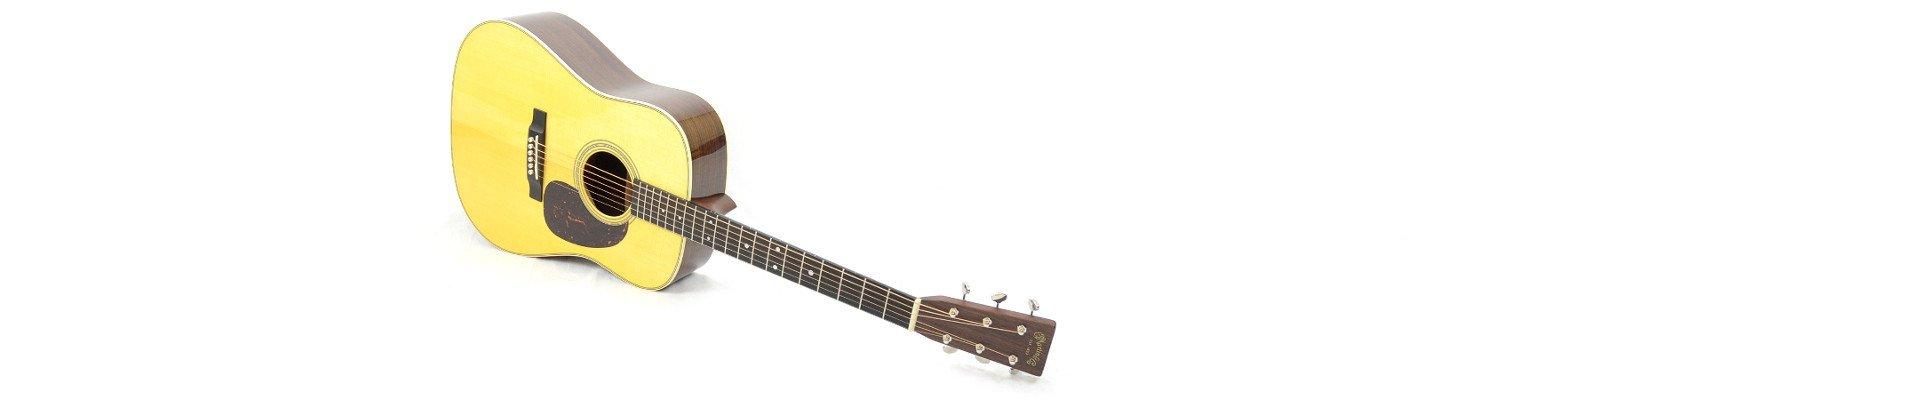 Martin Guitar Company Banner